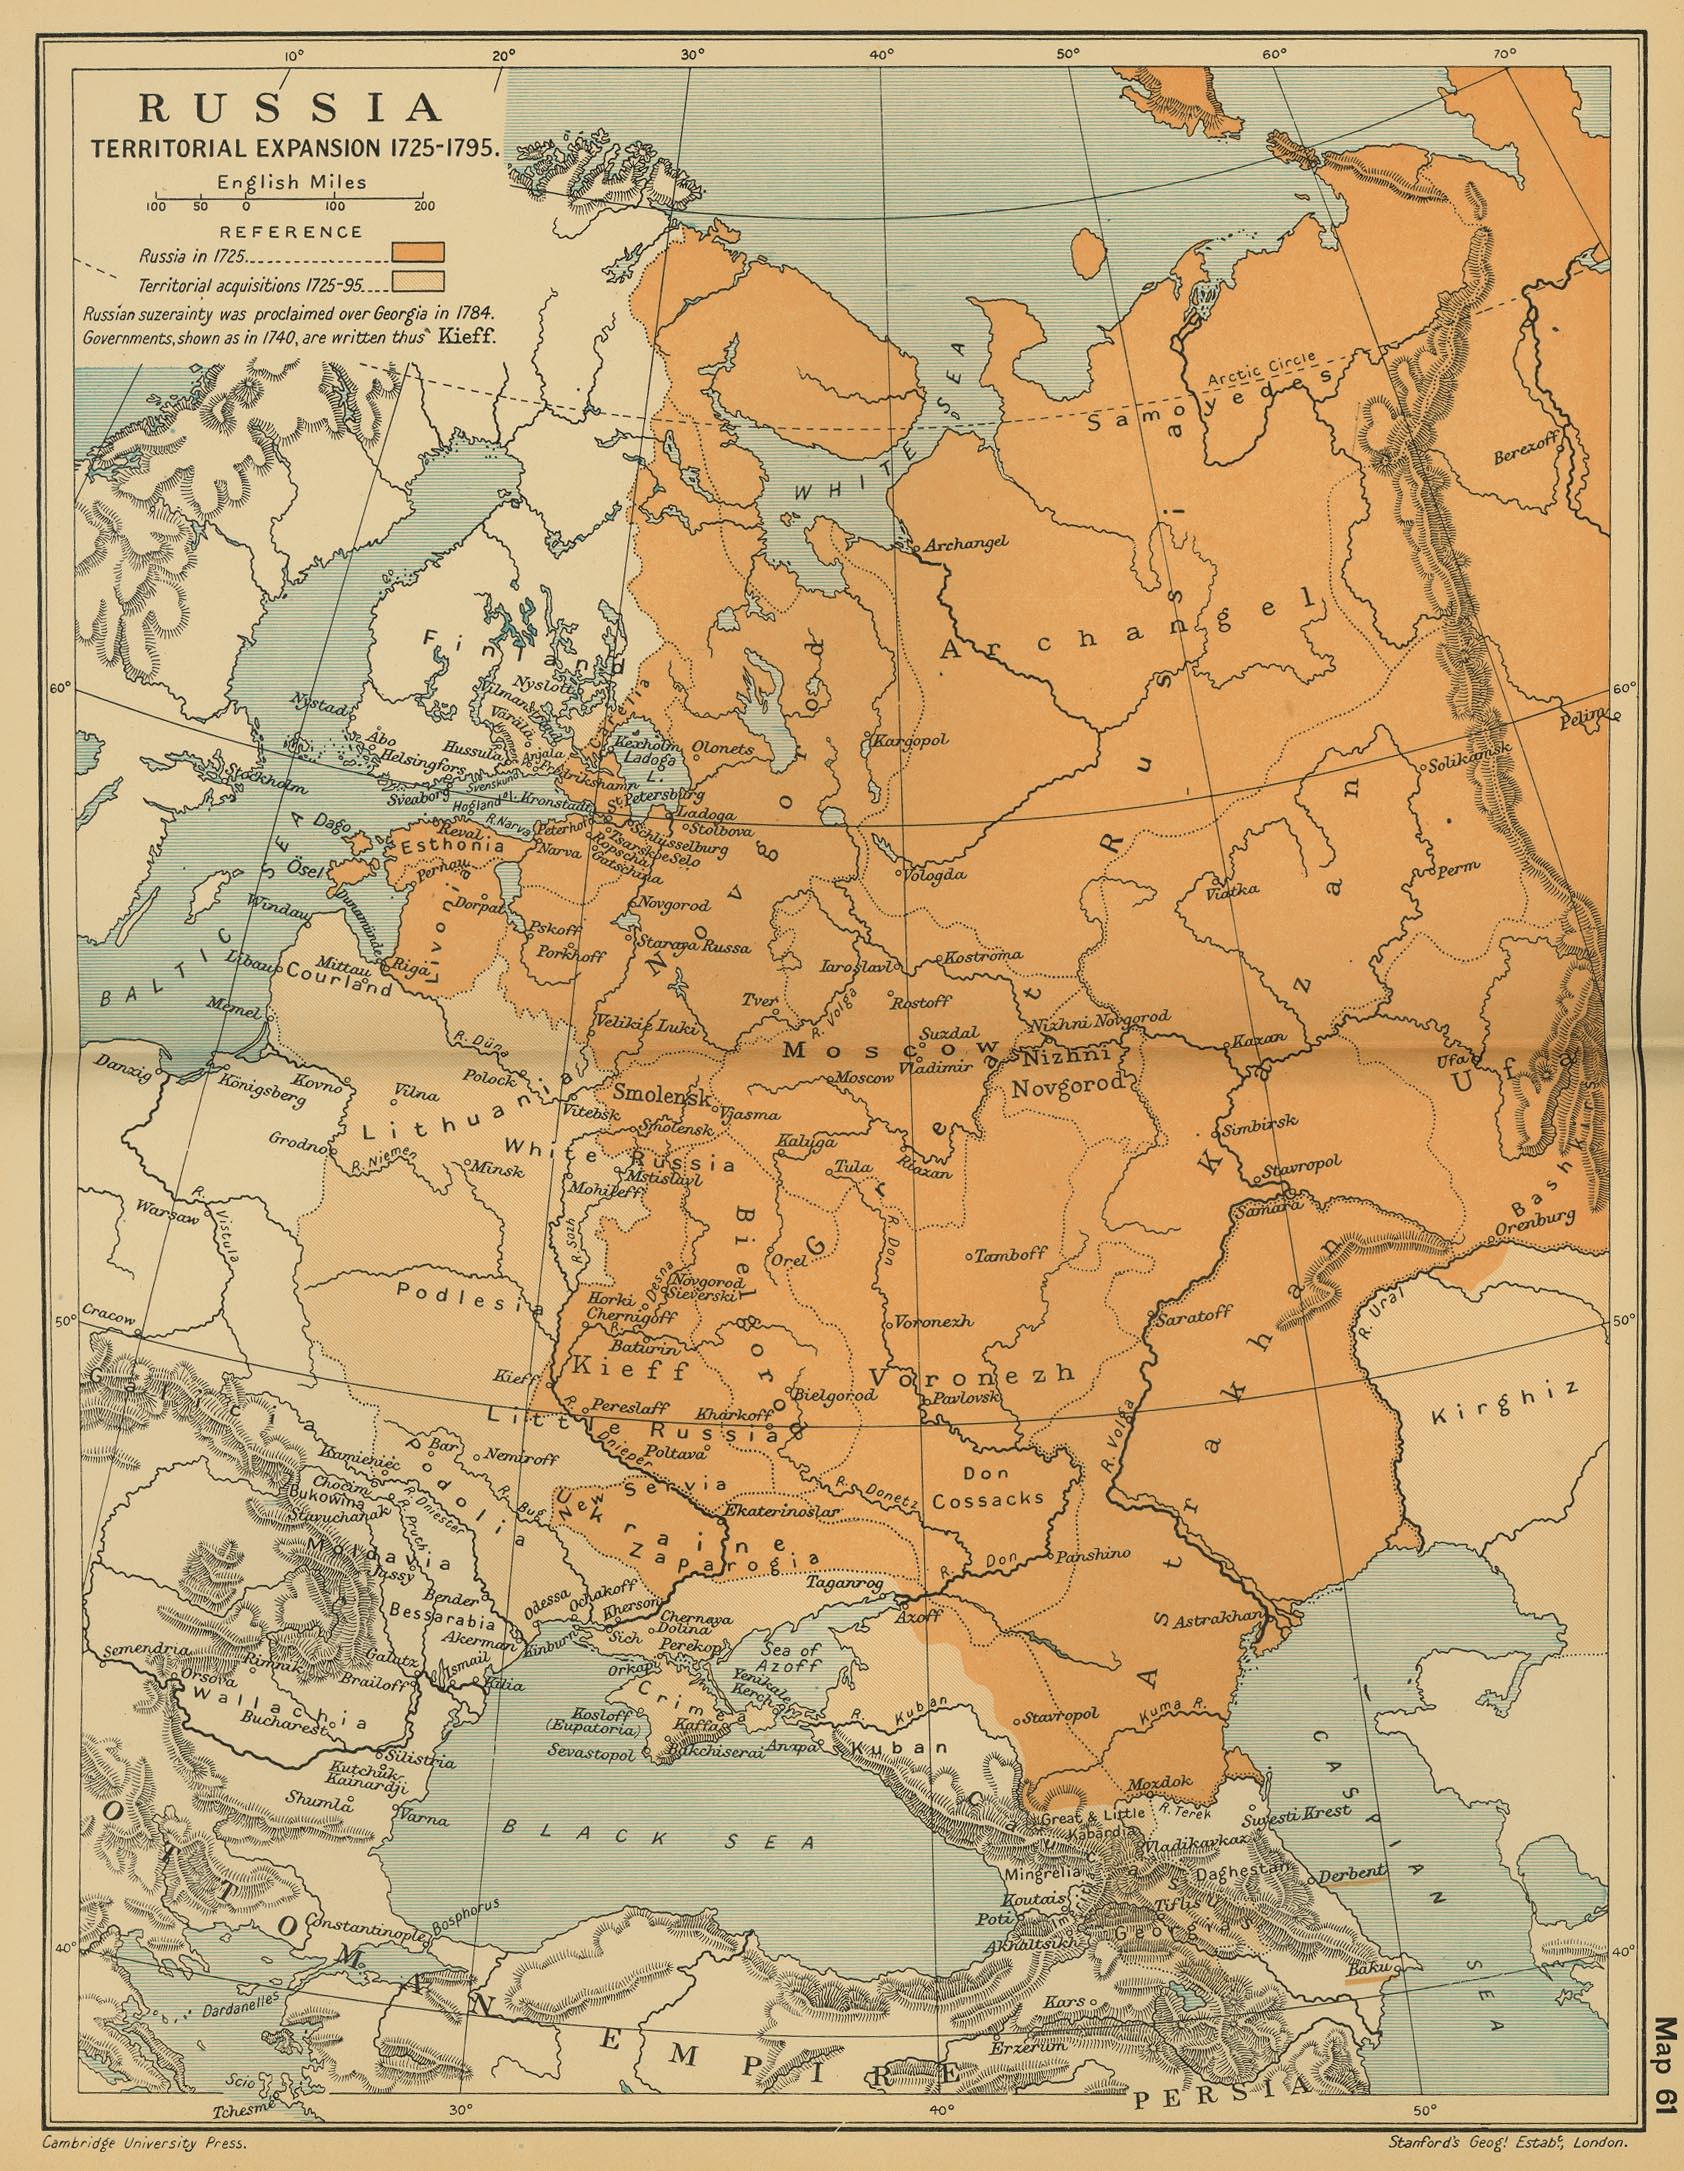 Expansión Territorial de Rusia 1725 - 1795